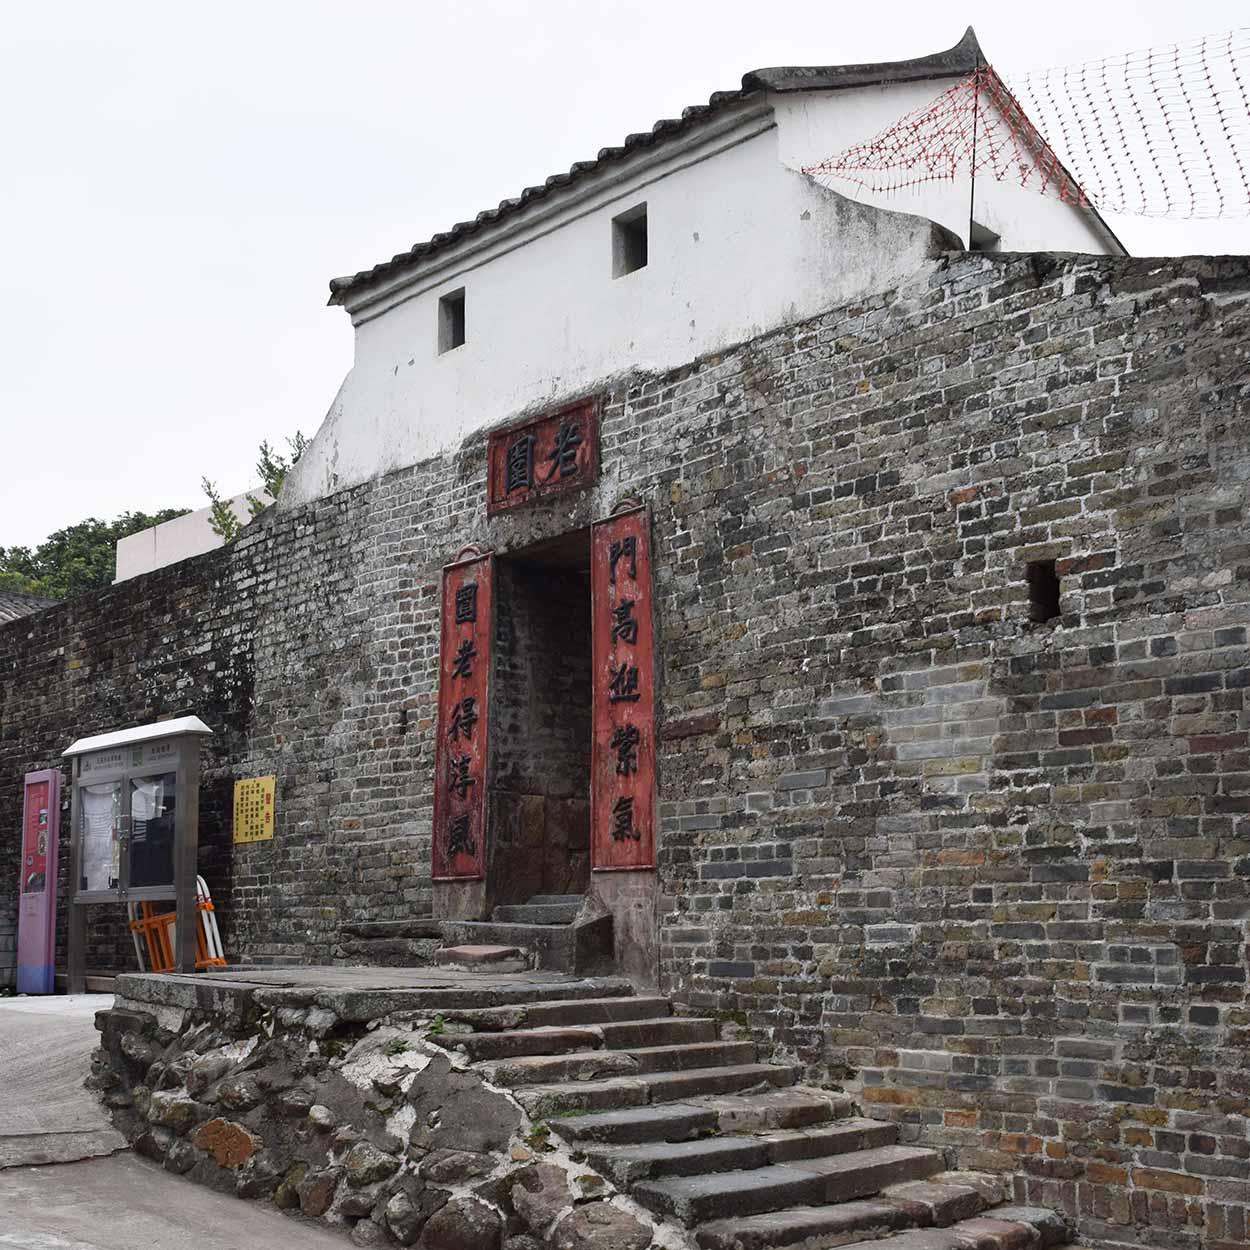 Lo Wai walled village entrance, Lung Yeuk Tau Heritage Trail, Hong Kong, China